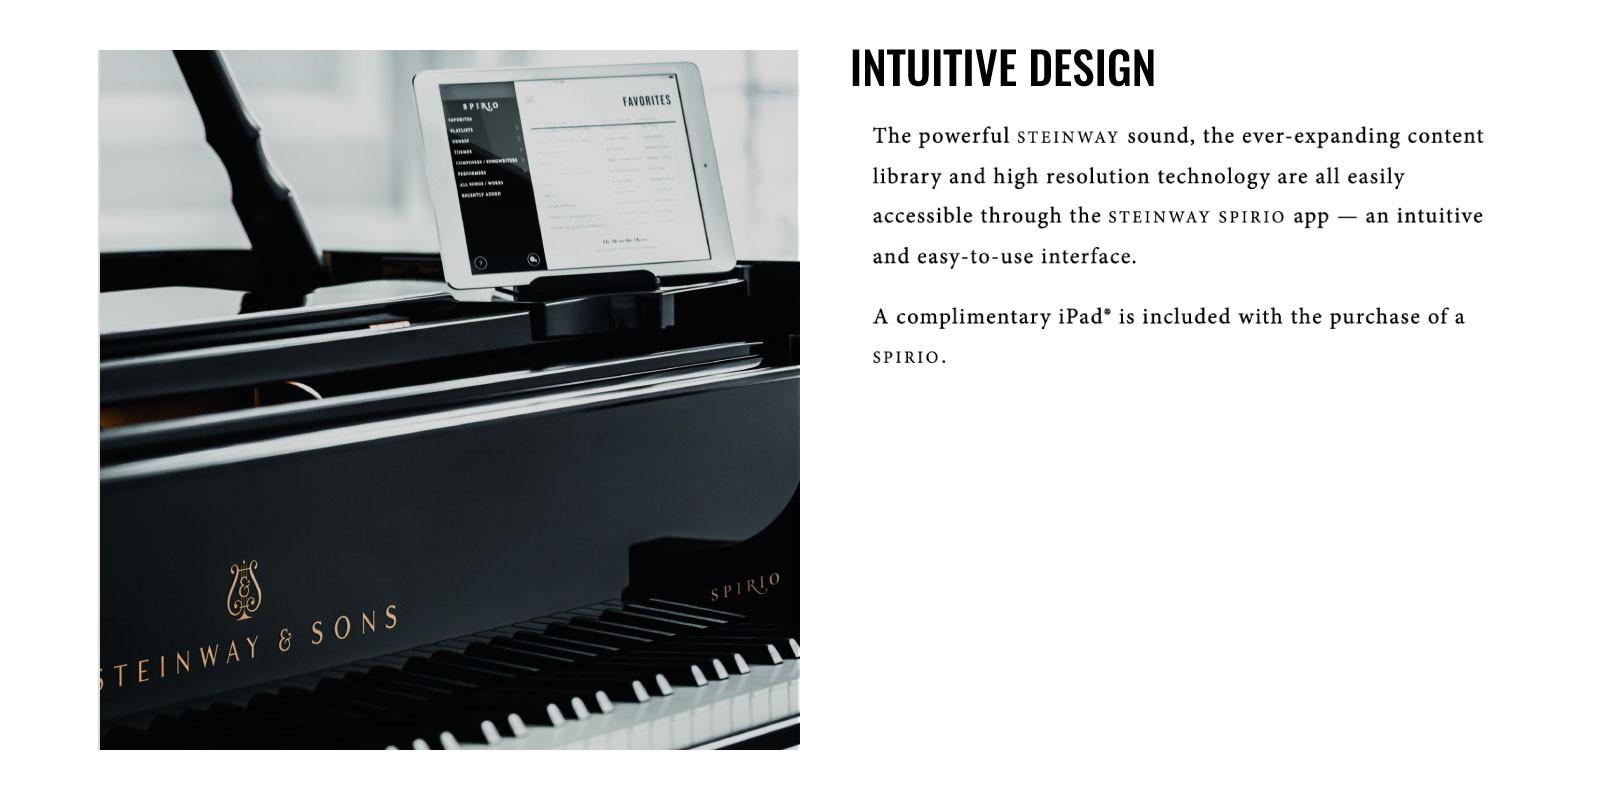 PP-Steinway-Spirio-Details-6.jpg